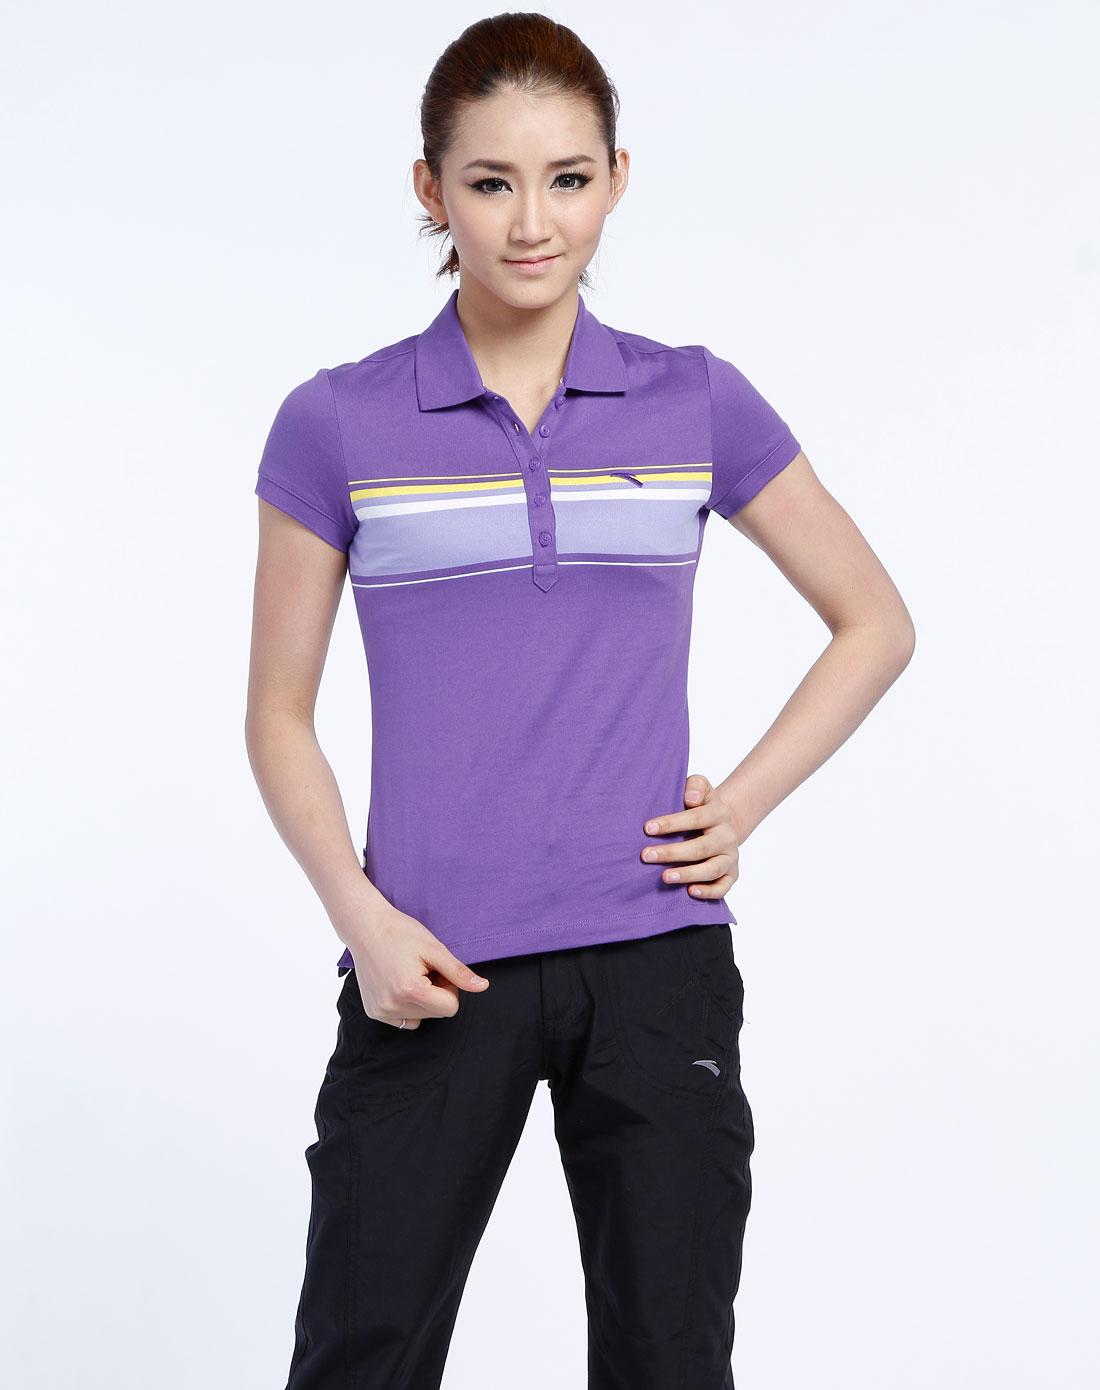 安踏anta女装专场-女款紫色横条纹反领短袖t恤